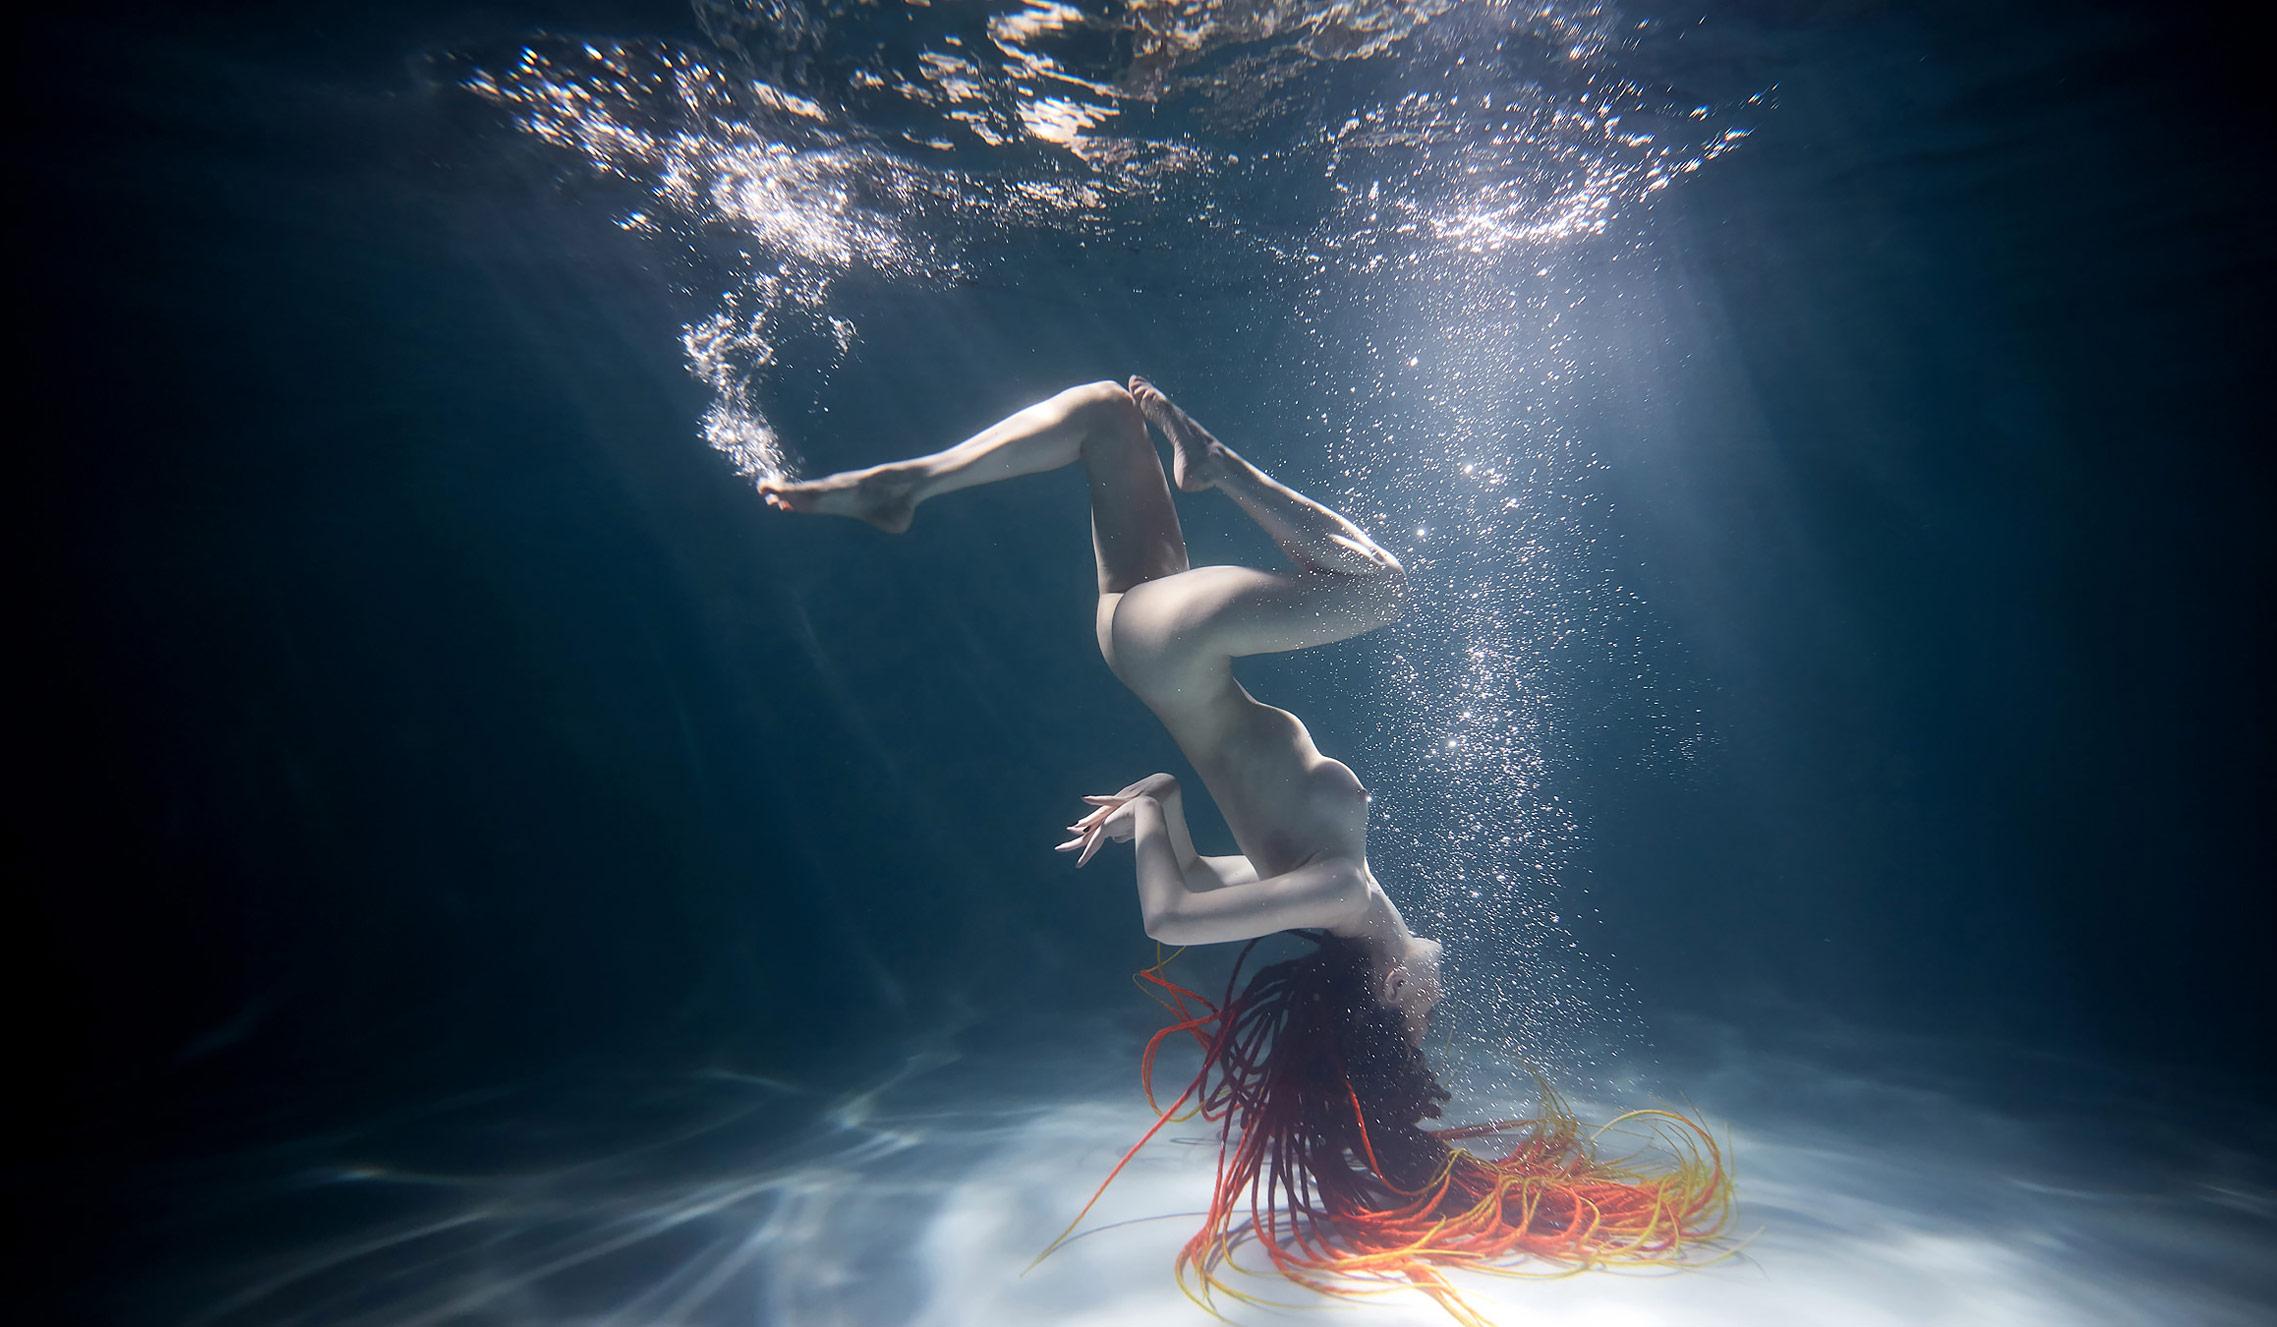 подводная акробатика - Ольга Горлачук / Olga Gorlachuk nude by Slava Grebenkin